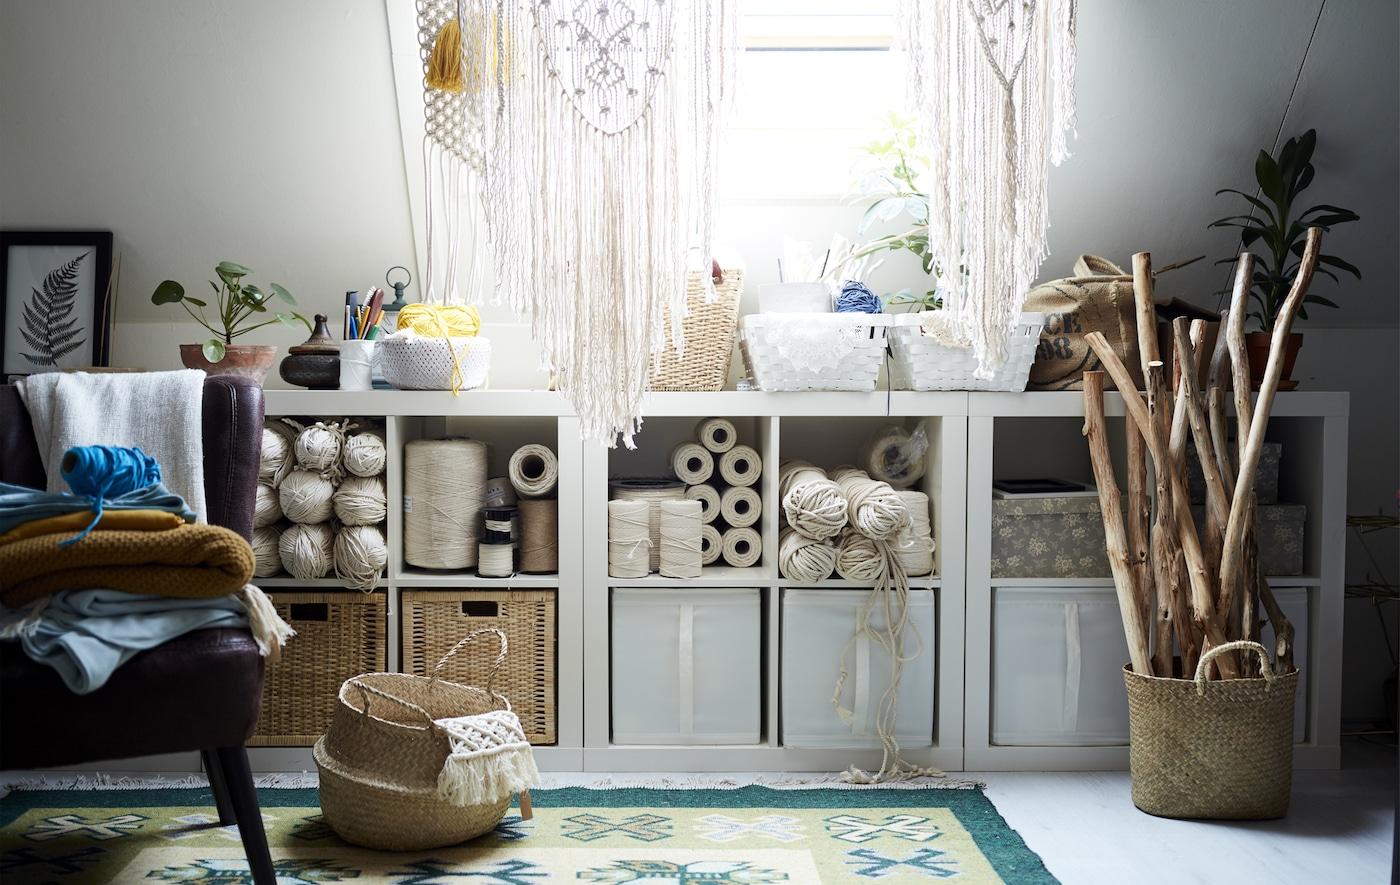 مساحة للإبداع في منزل أبيض مع الكثير من التخزين.